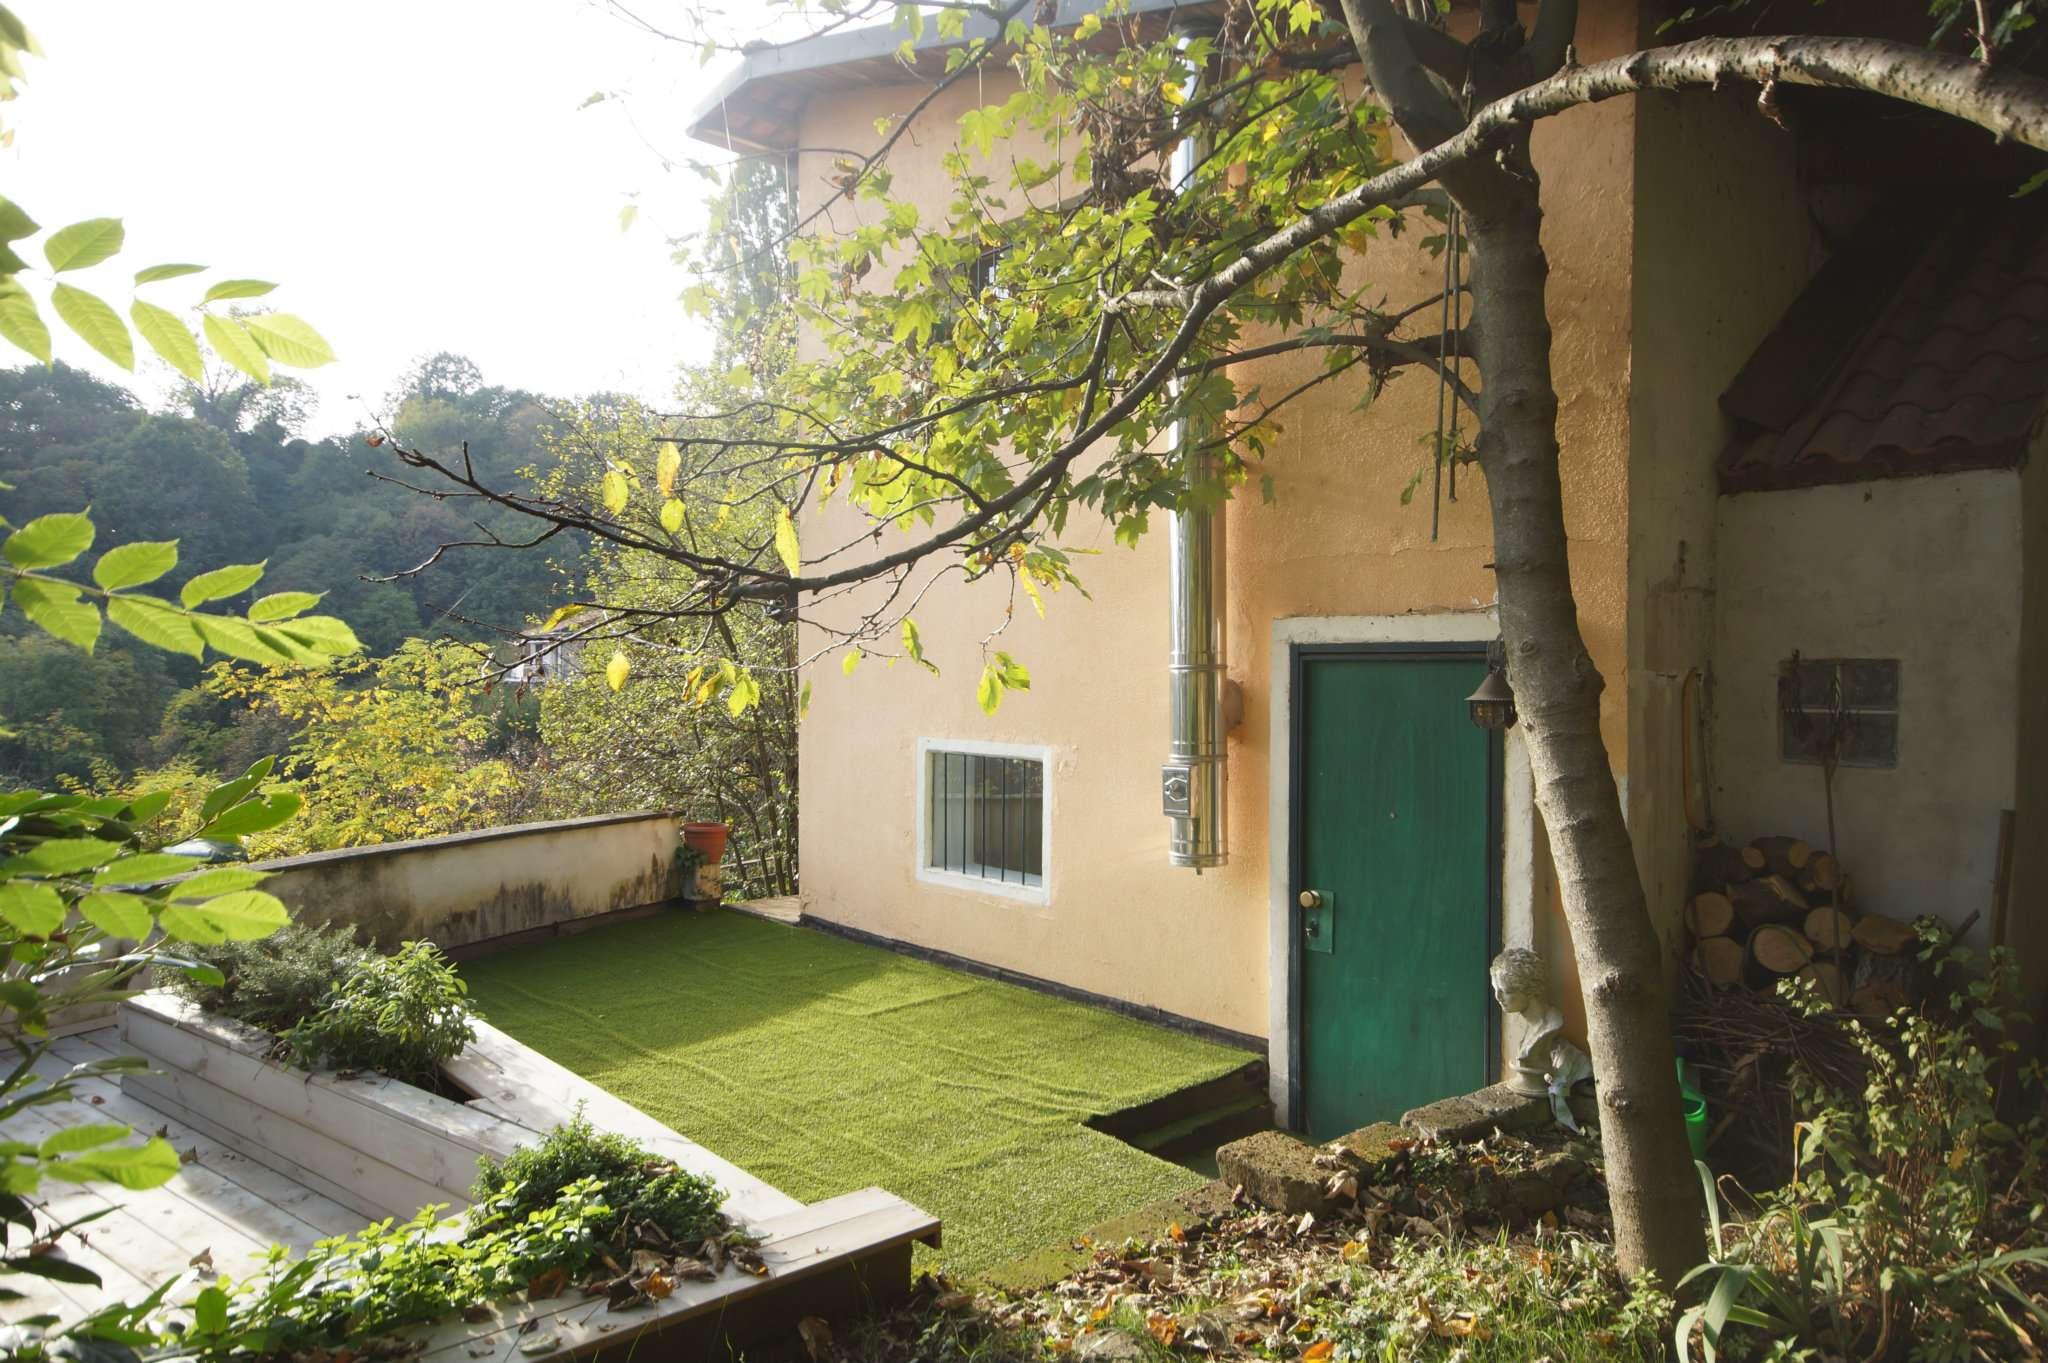 Appartamento in affitto a Pecetto Torinese, 4 locali, prezzo € 550 | CambioCasa.it